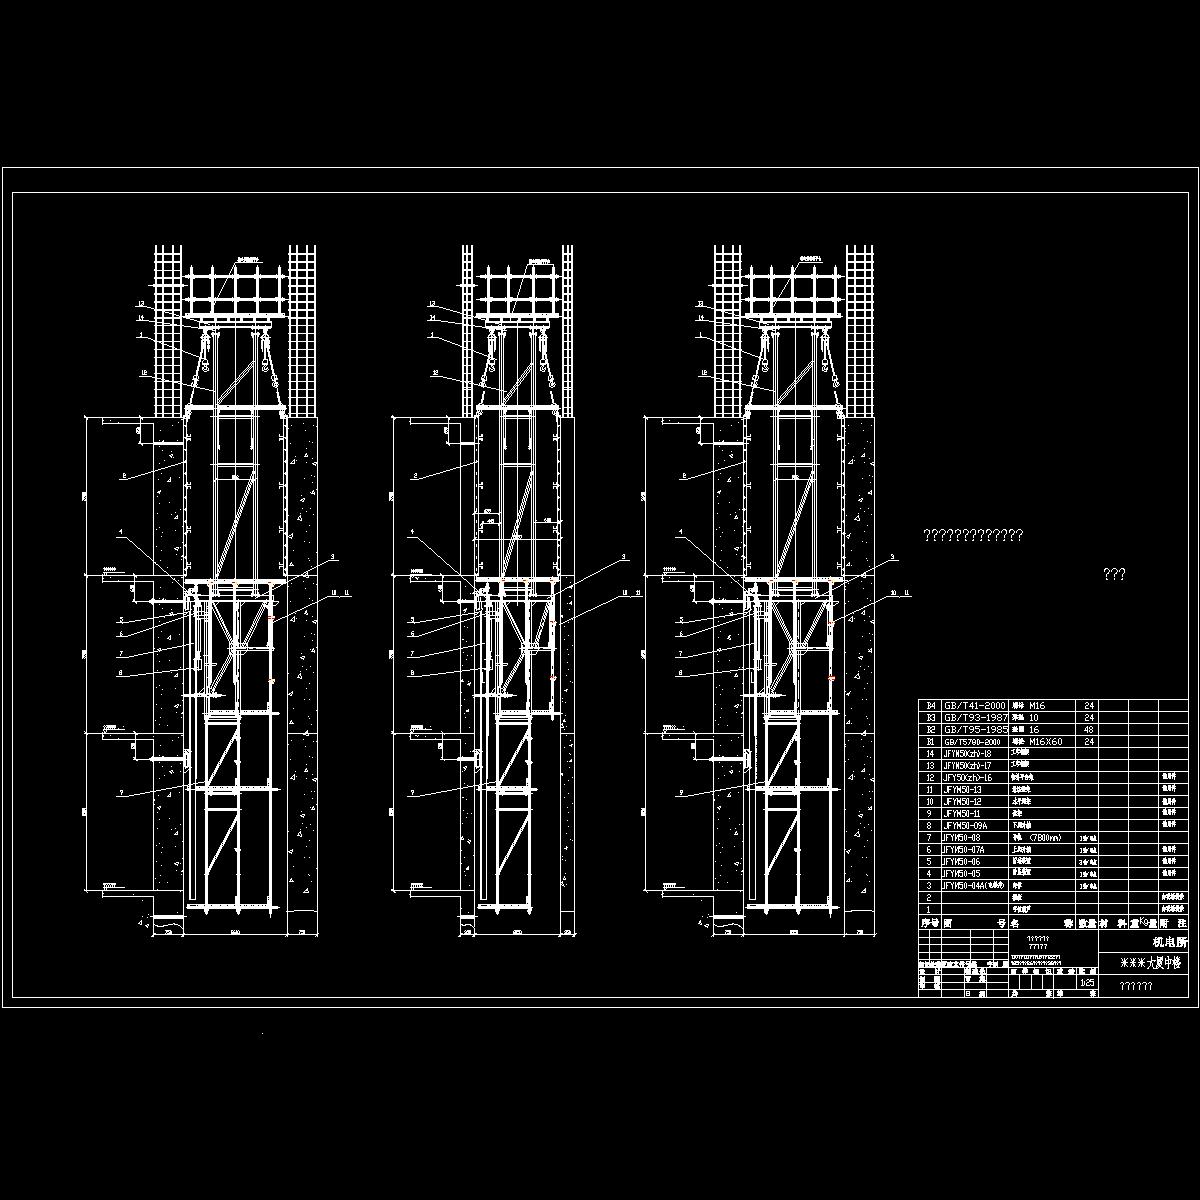 电梯井爬模架立面示意图.dwg